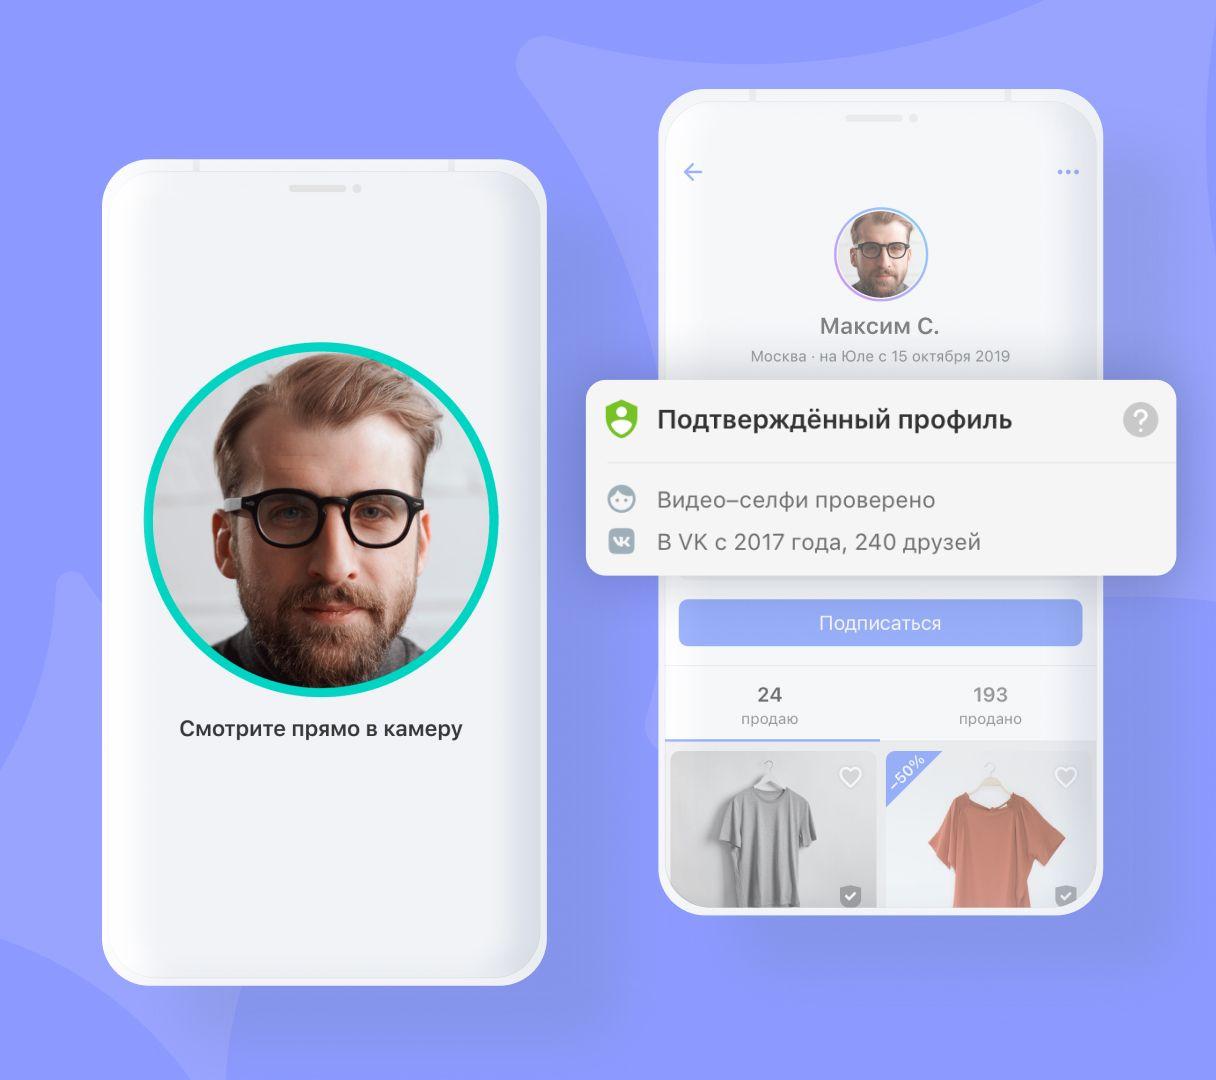 Юла запустила видео-верификацию пользователей